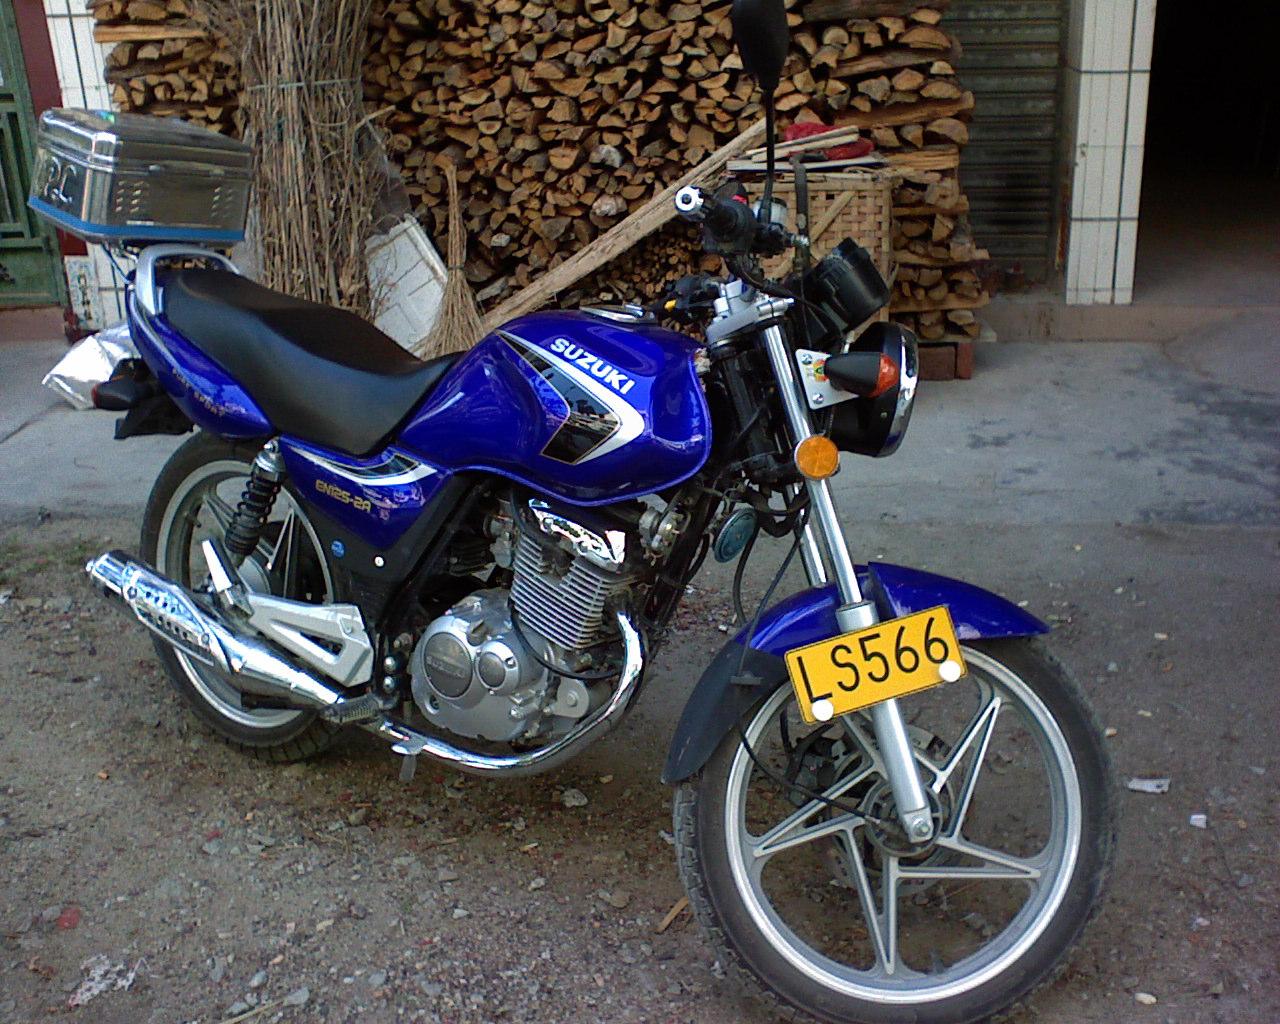 铃木gsx125怎么样_关于轻骑铃木GSX125的问题_百度知道